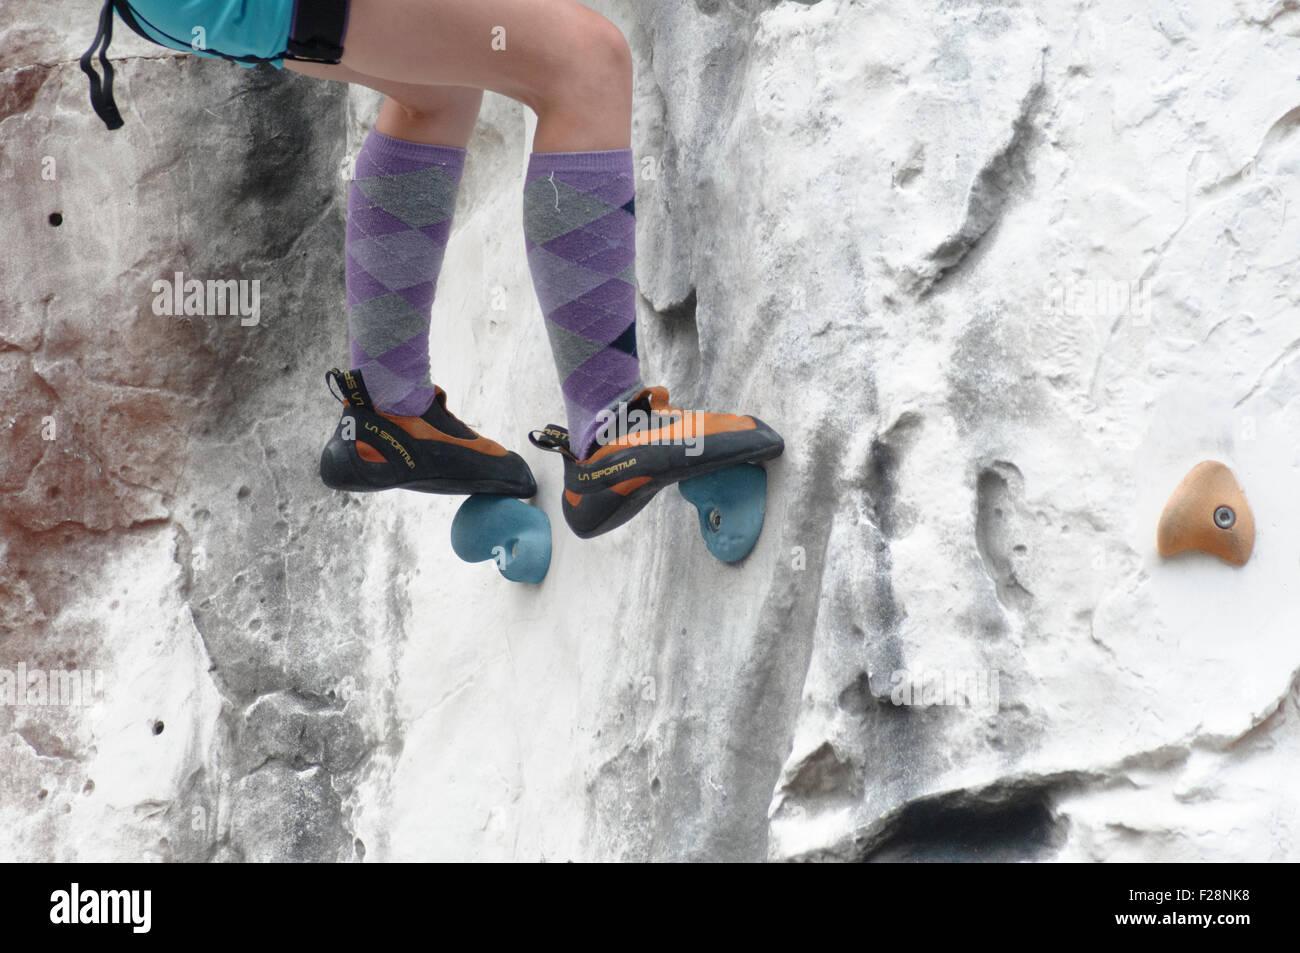 Young teen girl grimpe un mur d'escalade artificiel close up des pieds et des chaussures d'escalade Photo Stock